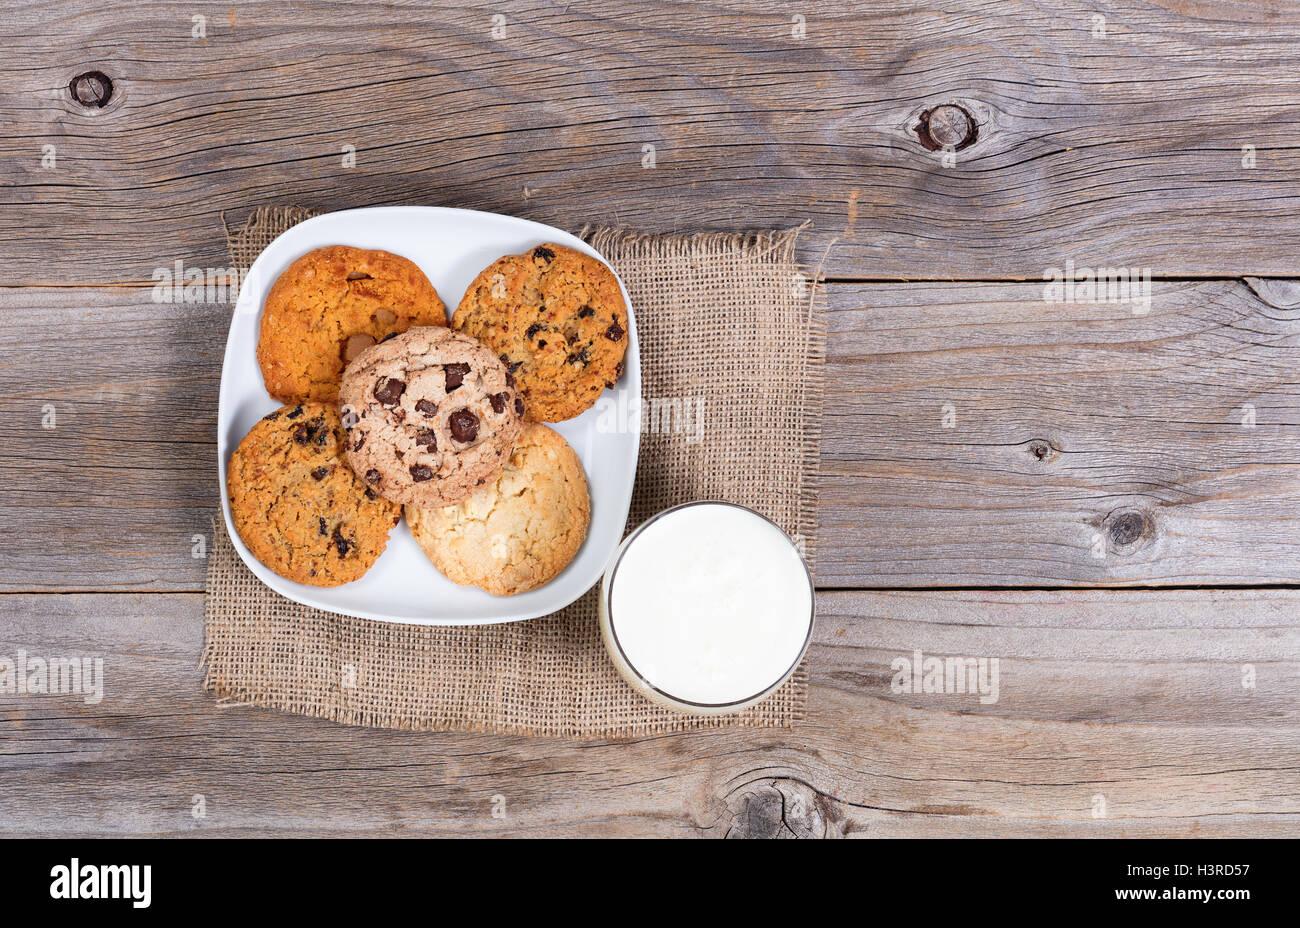 Vue aérienne d'une variété de biscuits fraîchement cuits au four sur une serviette avec un verre de lait. Banque D'Images